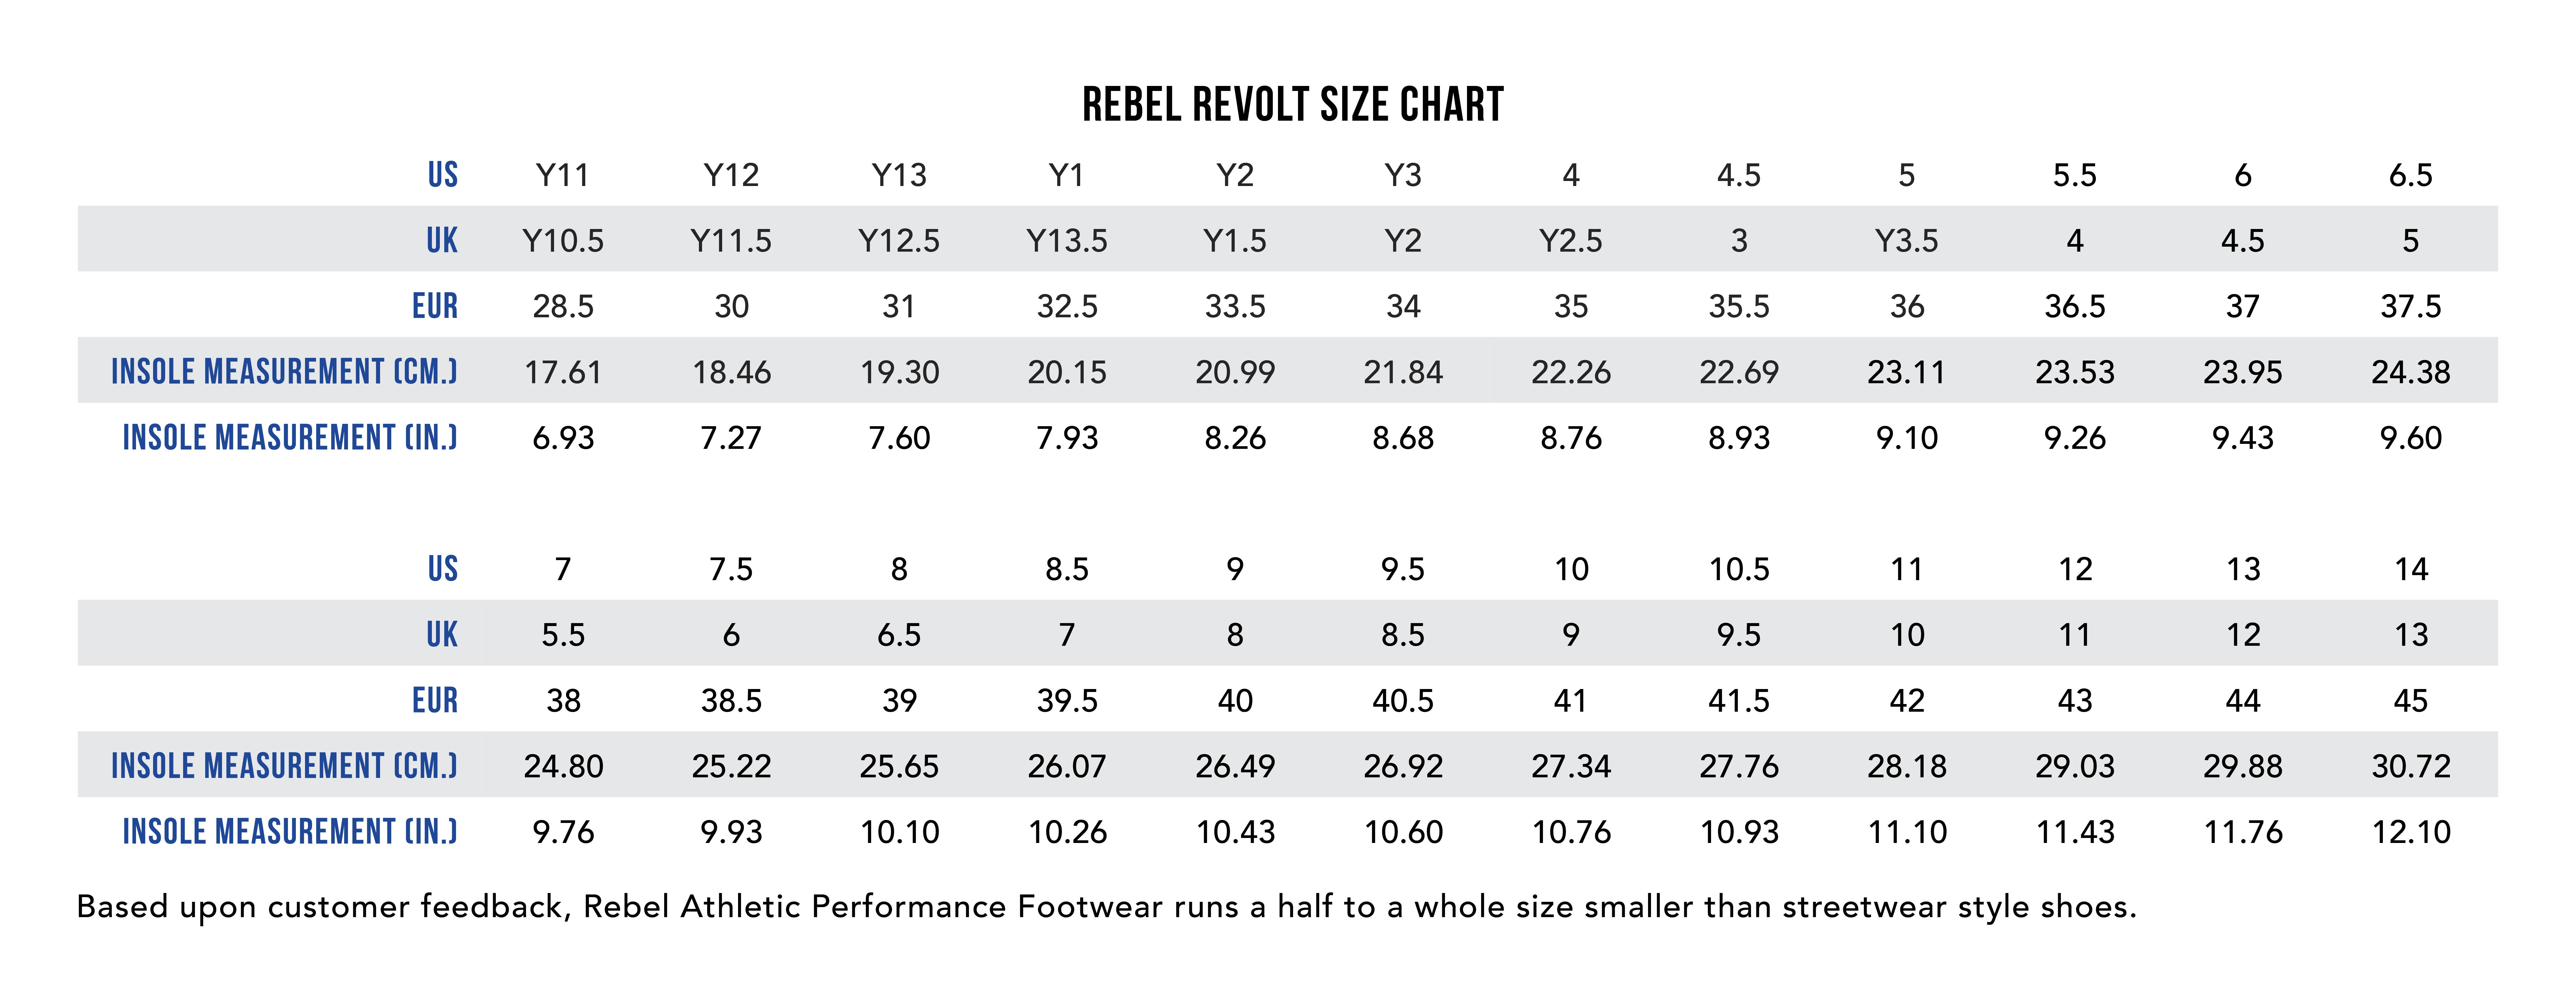 Revolt Size Chart